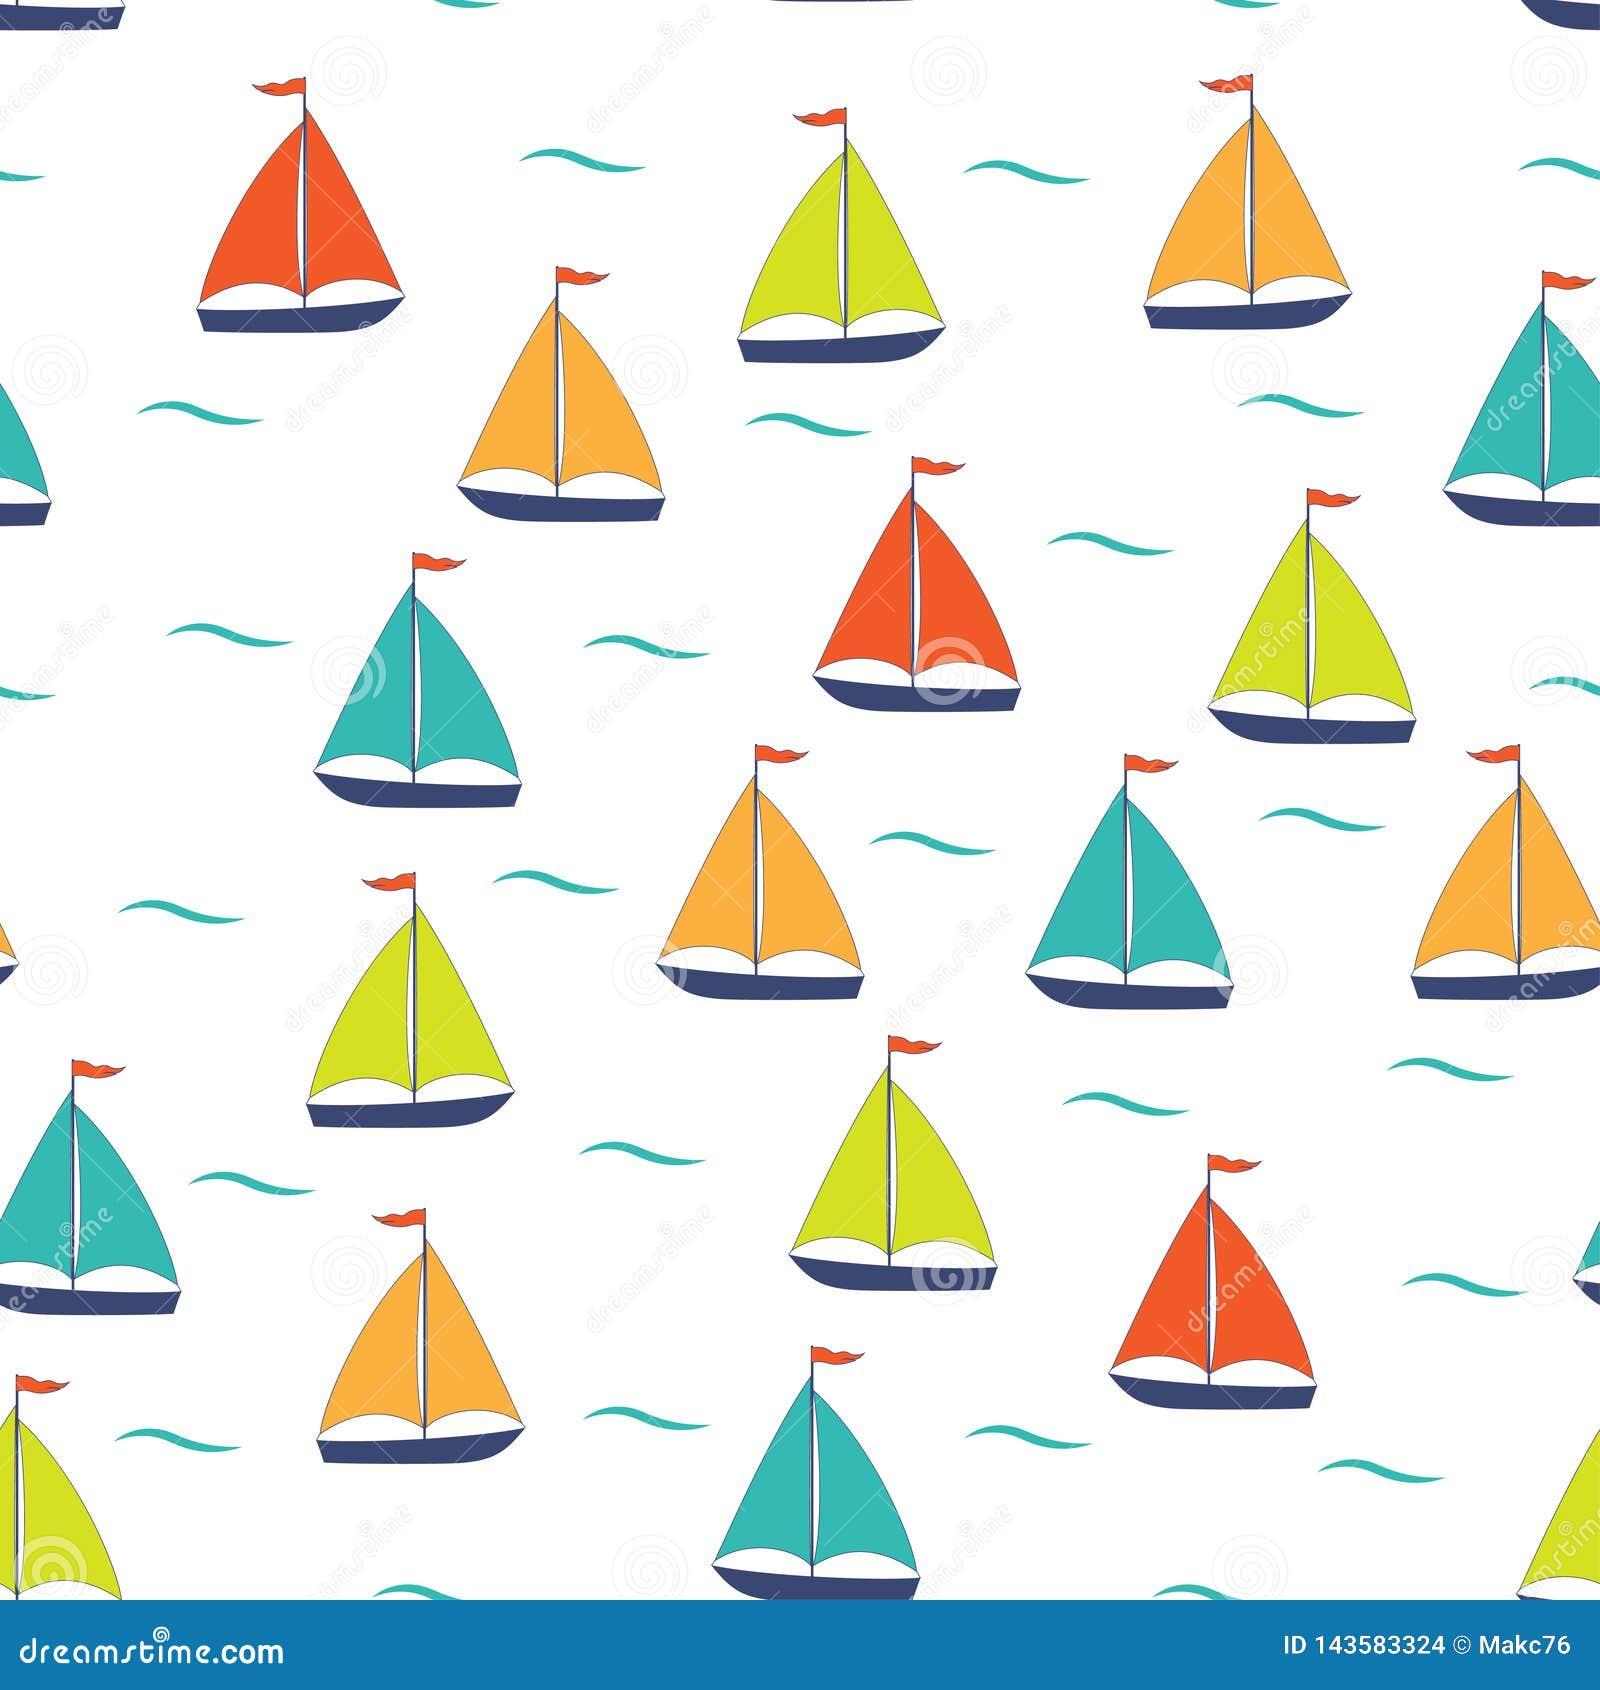 View Boat Wallpaper Cartoon Pics